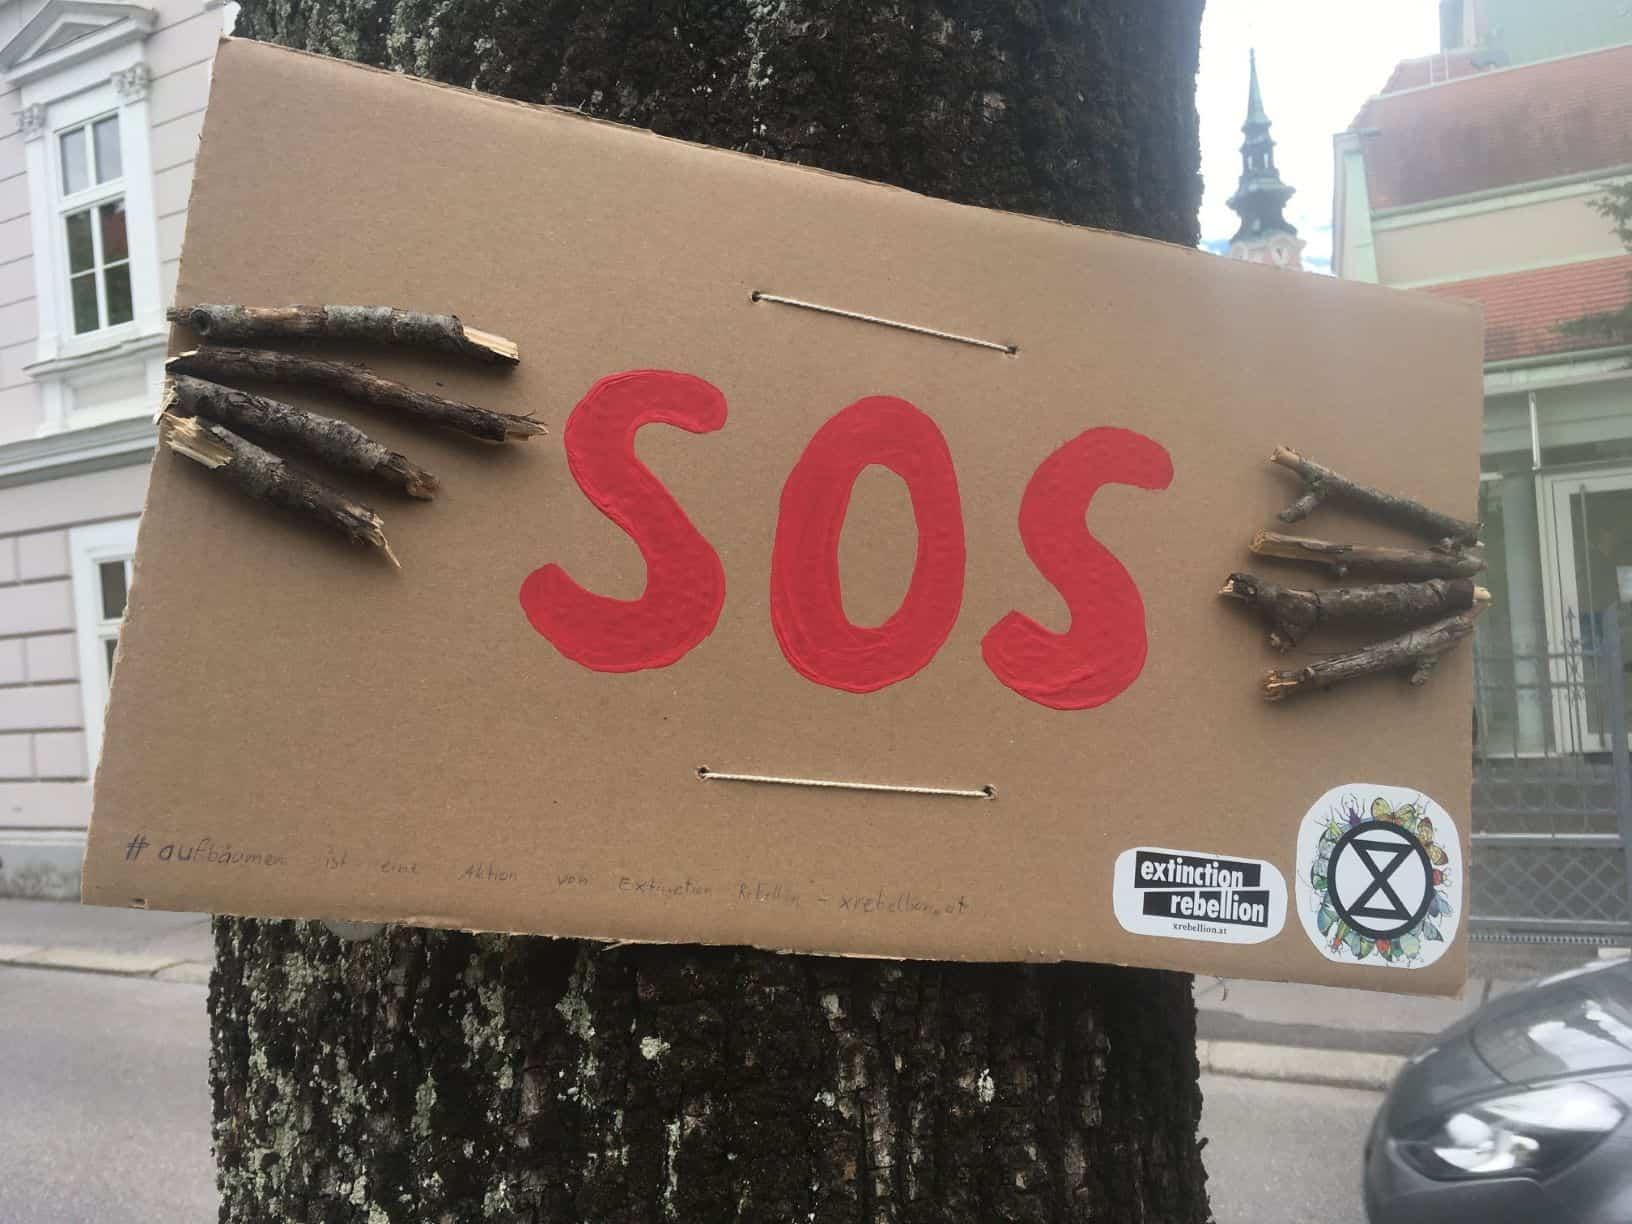 Ein Baum hält ein Schild und ruft um Hilfe (Aktion #aufbäumen)